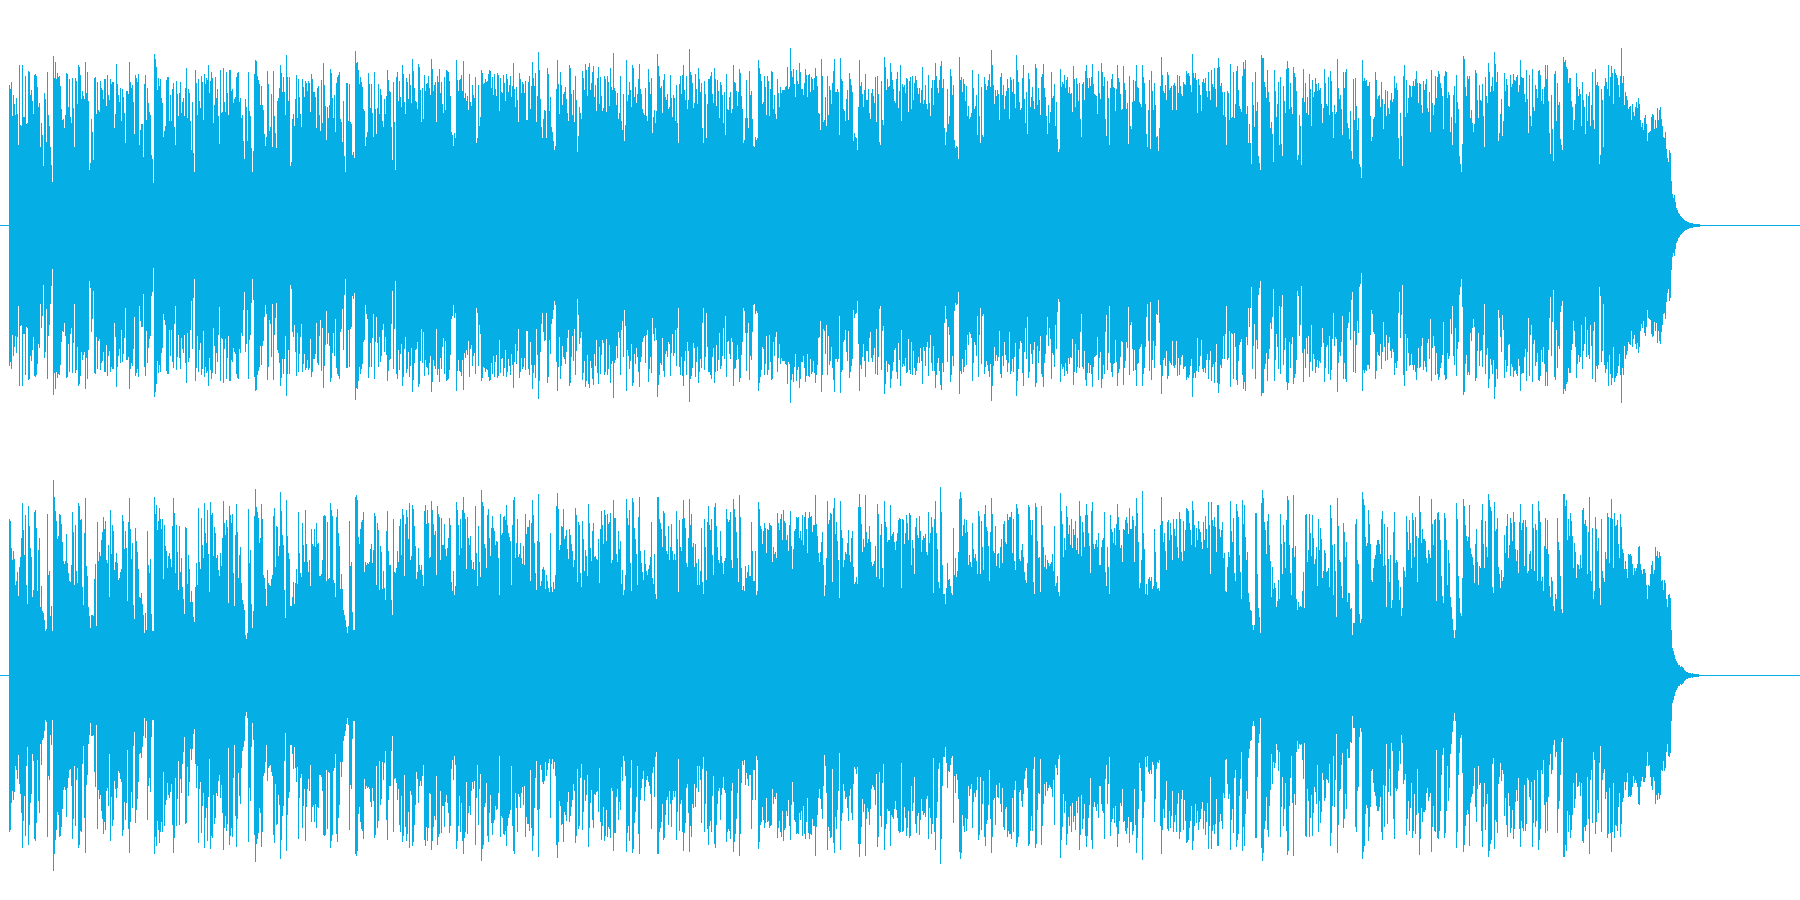 のんびり過ごすしっとりとしたバラードの再生済みの波形